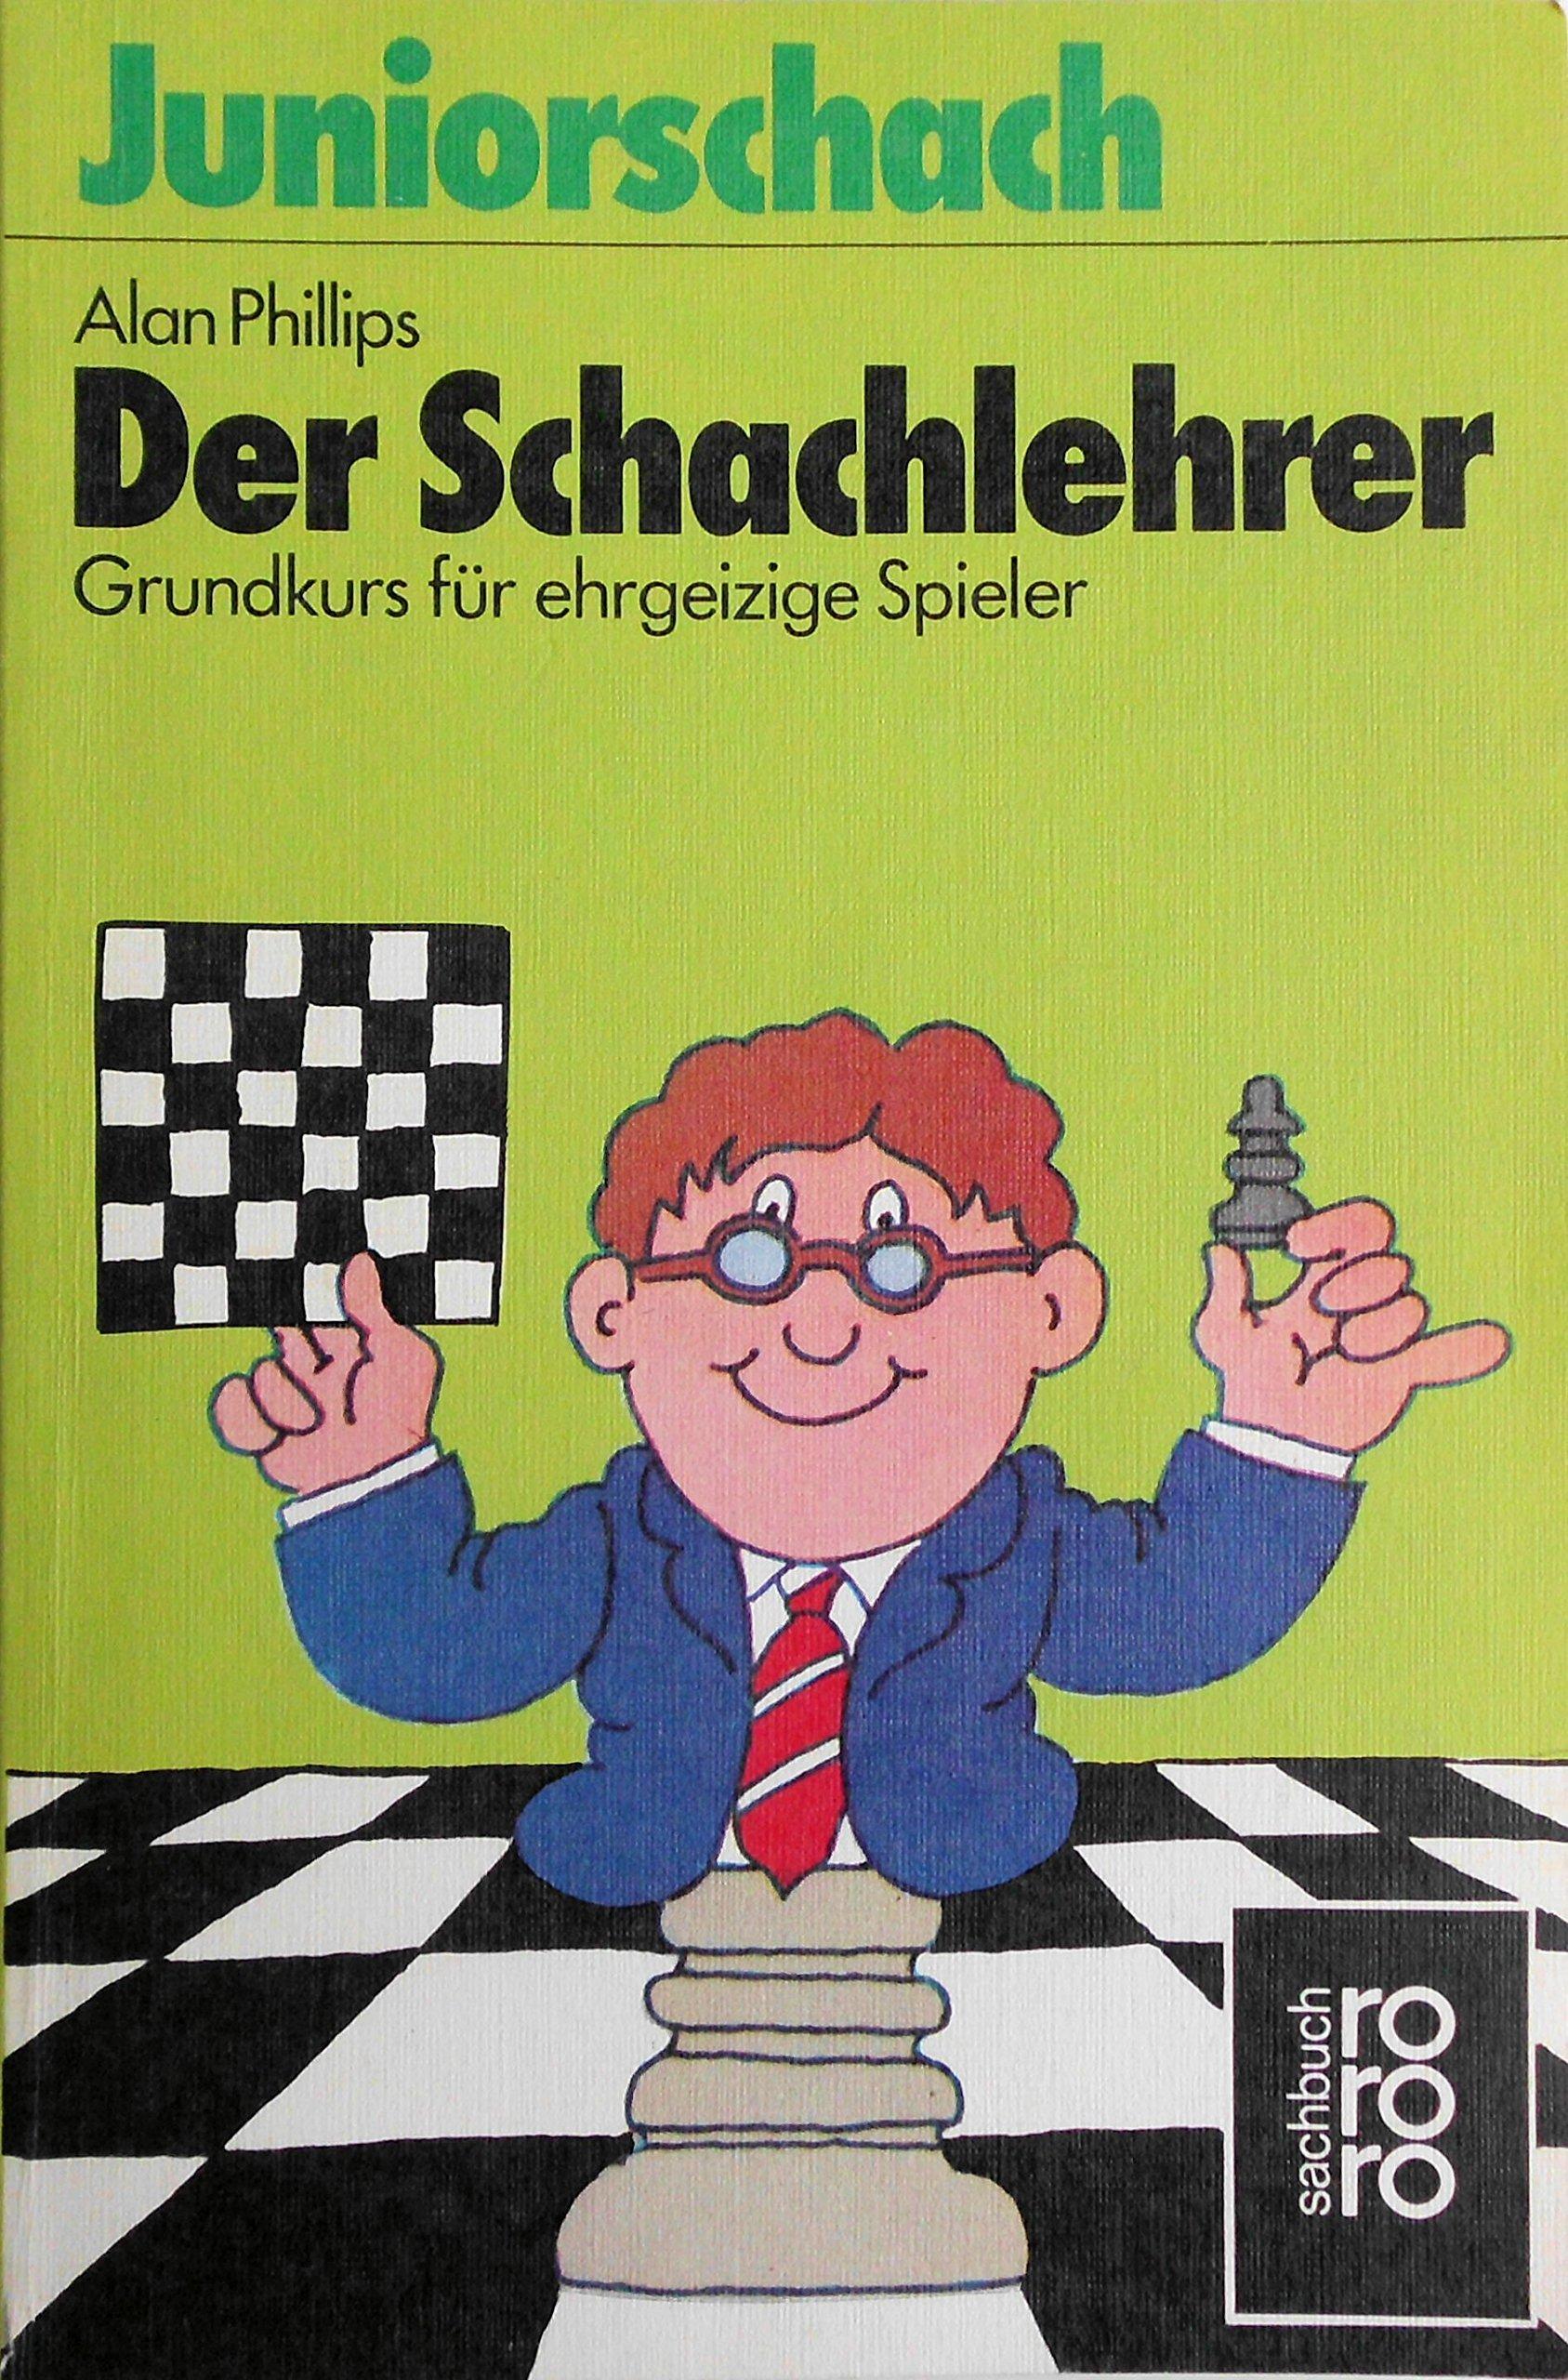 Der Schachlehrer  Grundkurs Für Ehrgeizige Spieler